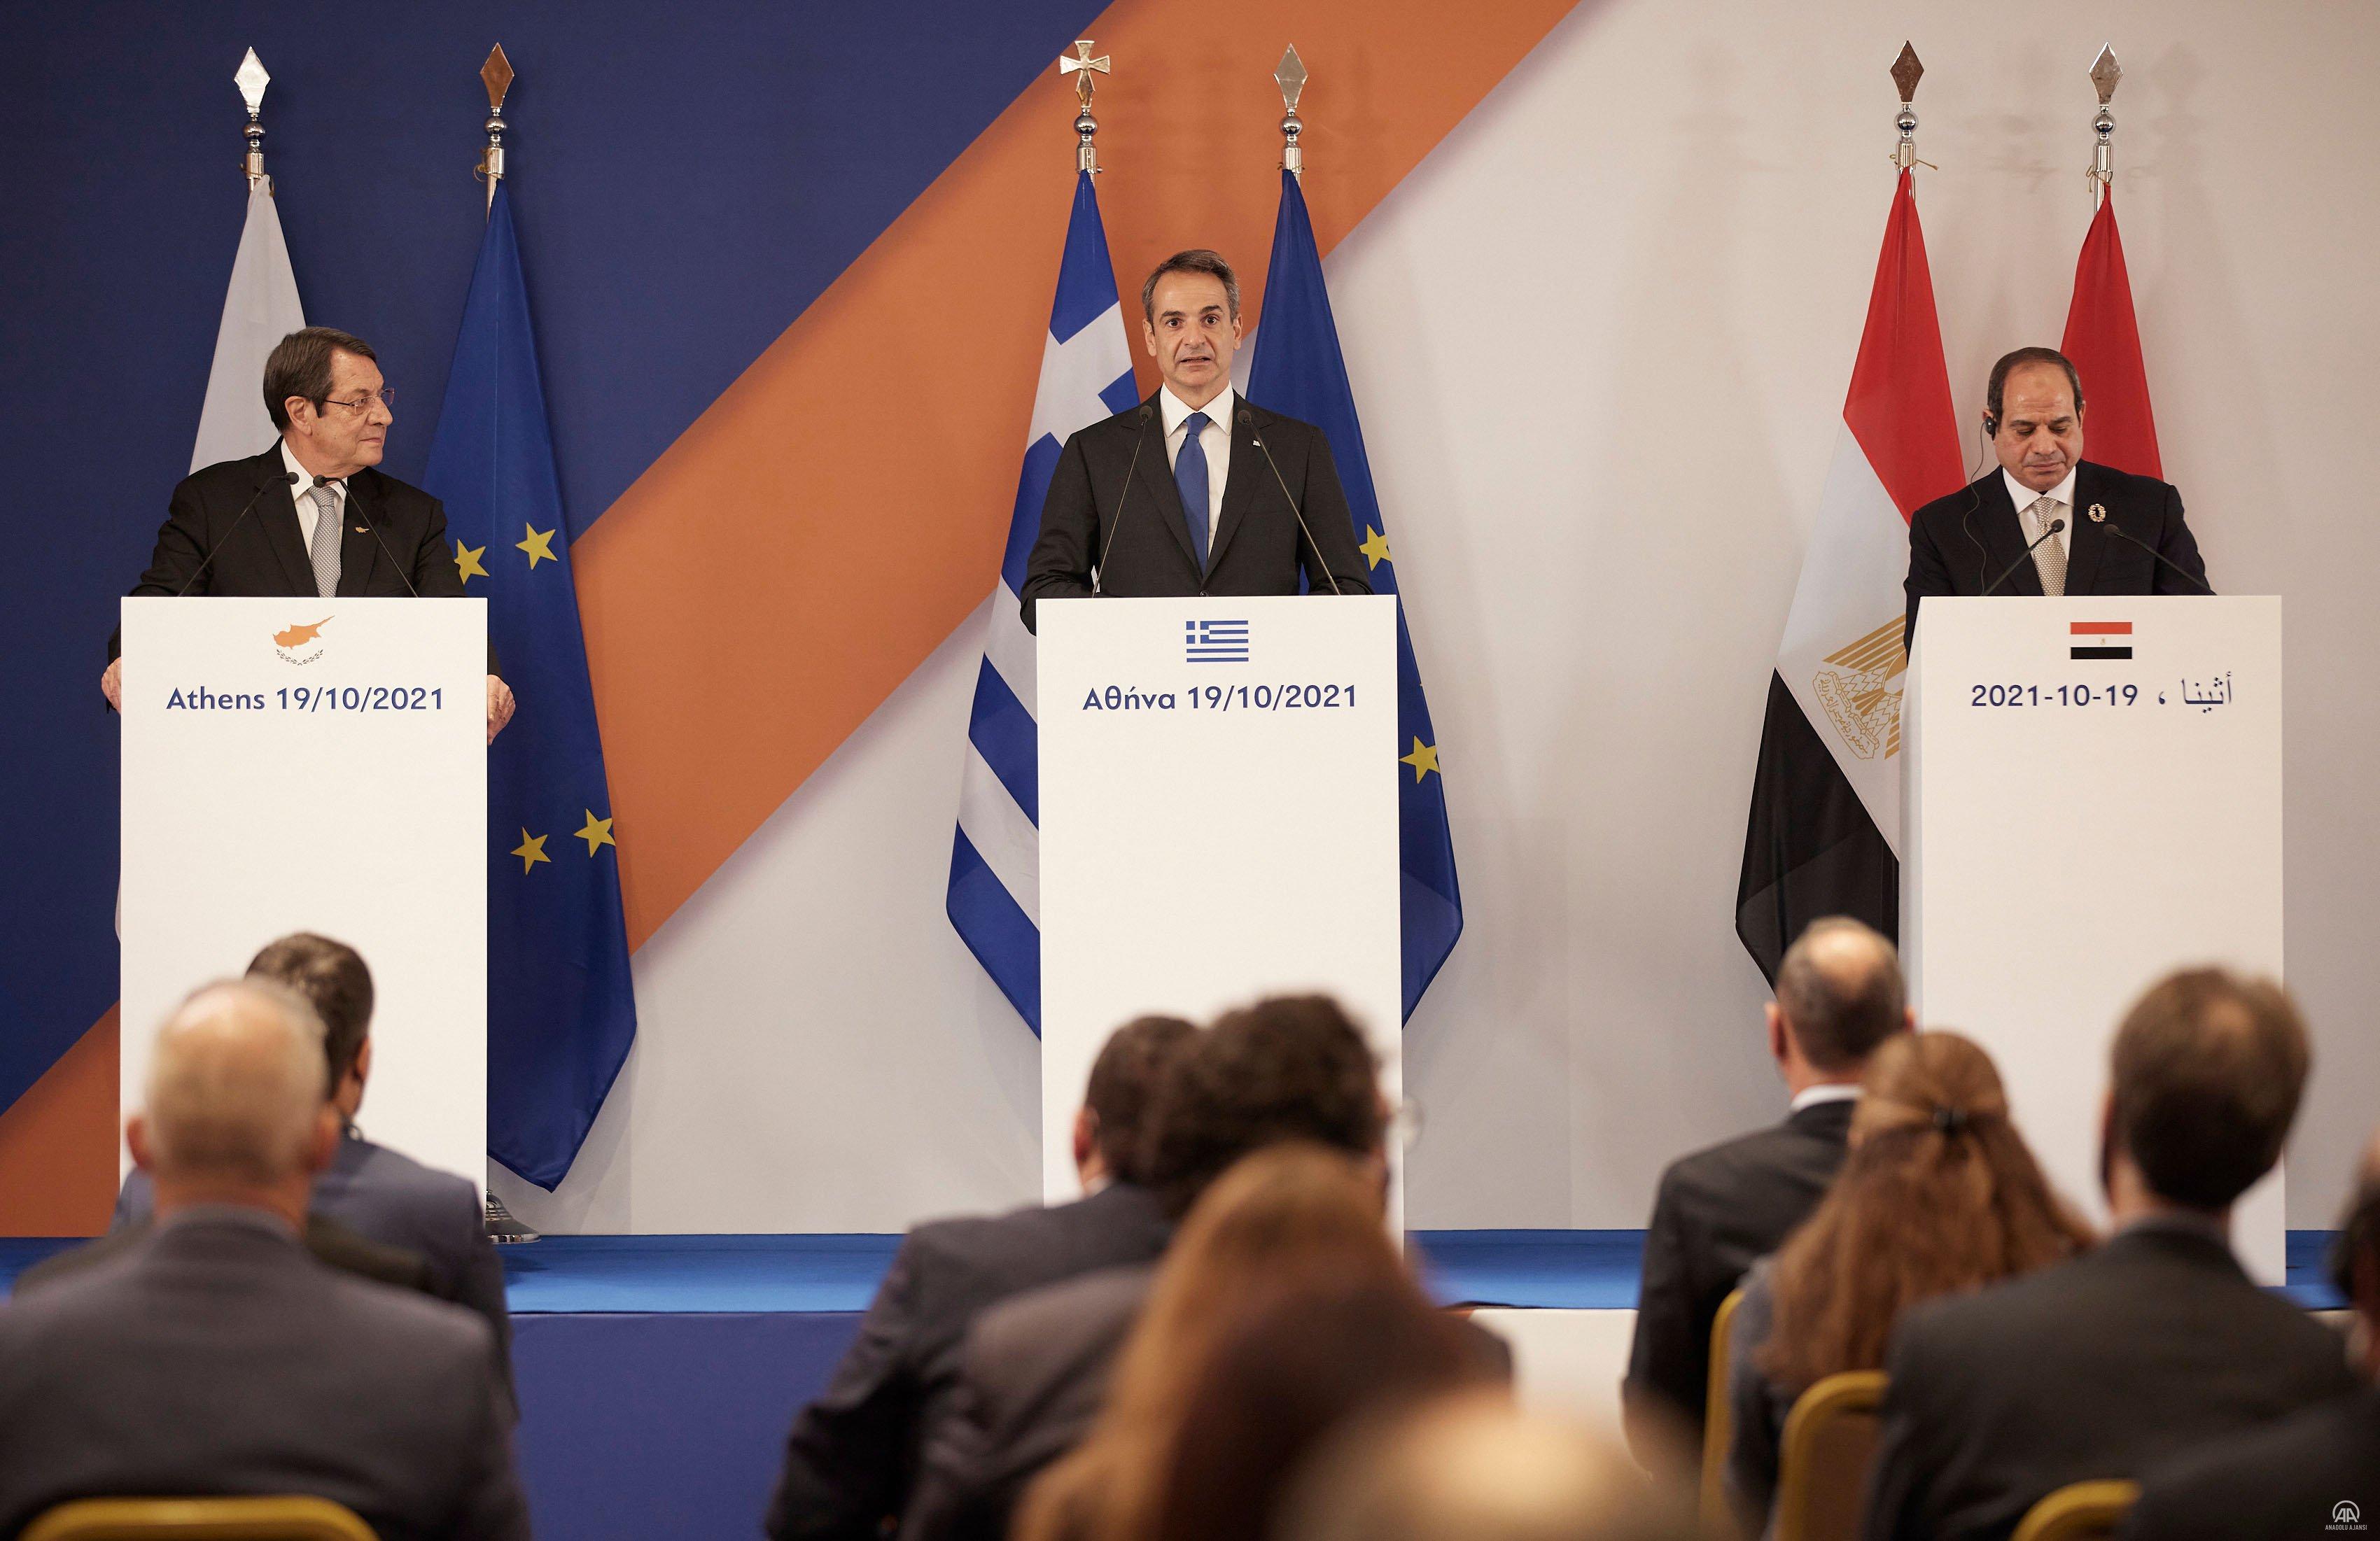 Yunanistan, Mısır ve GKRY liderleri Atina'daki üçlü zirvede bir araya geldi